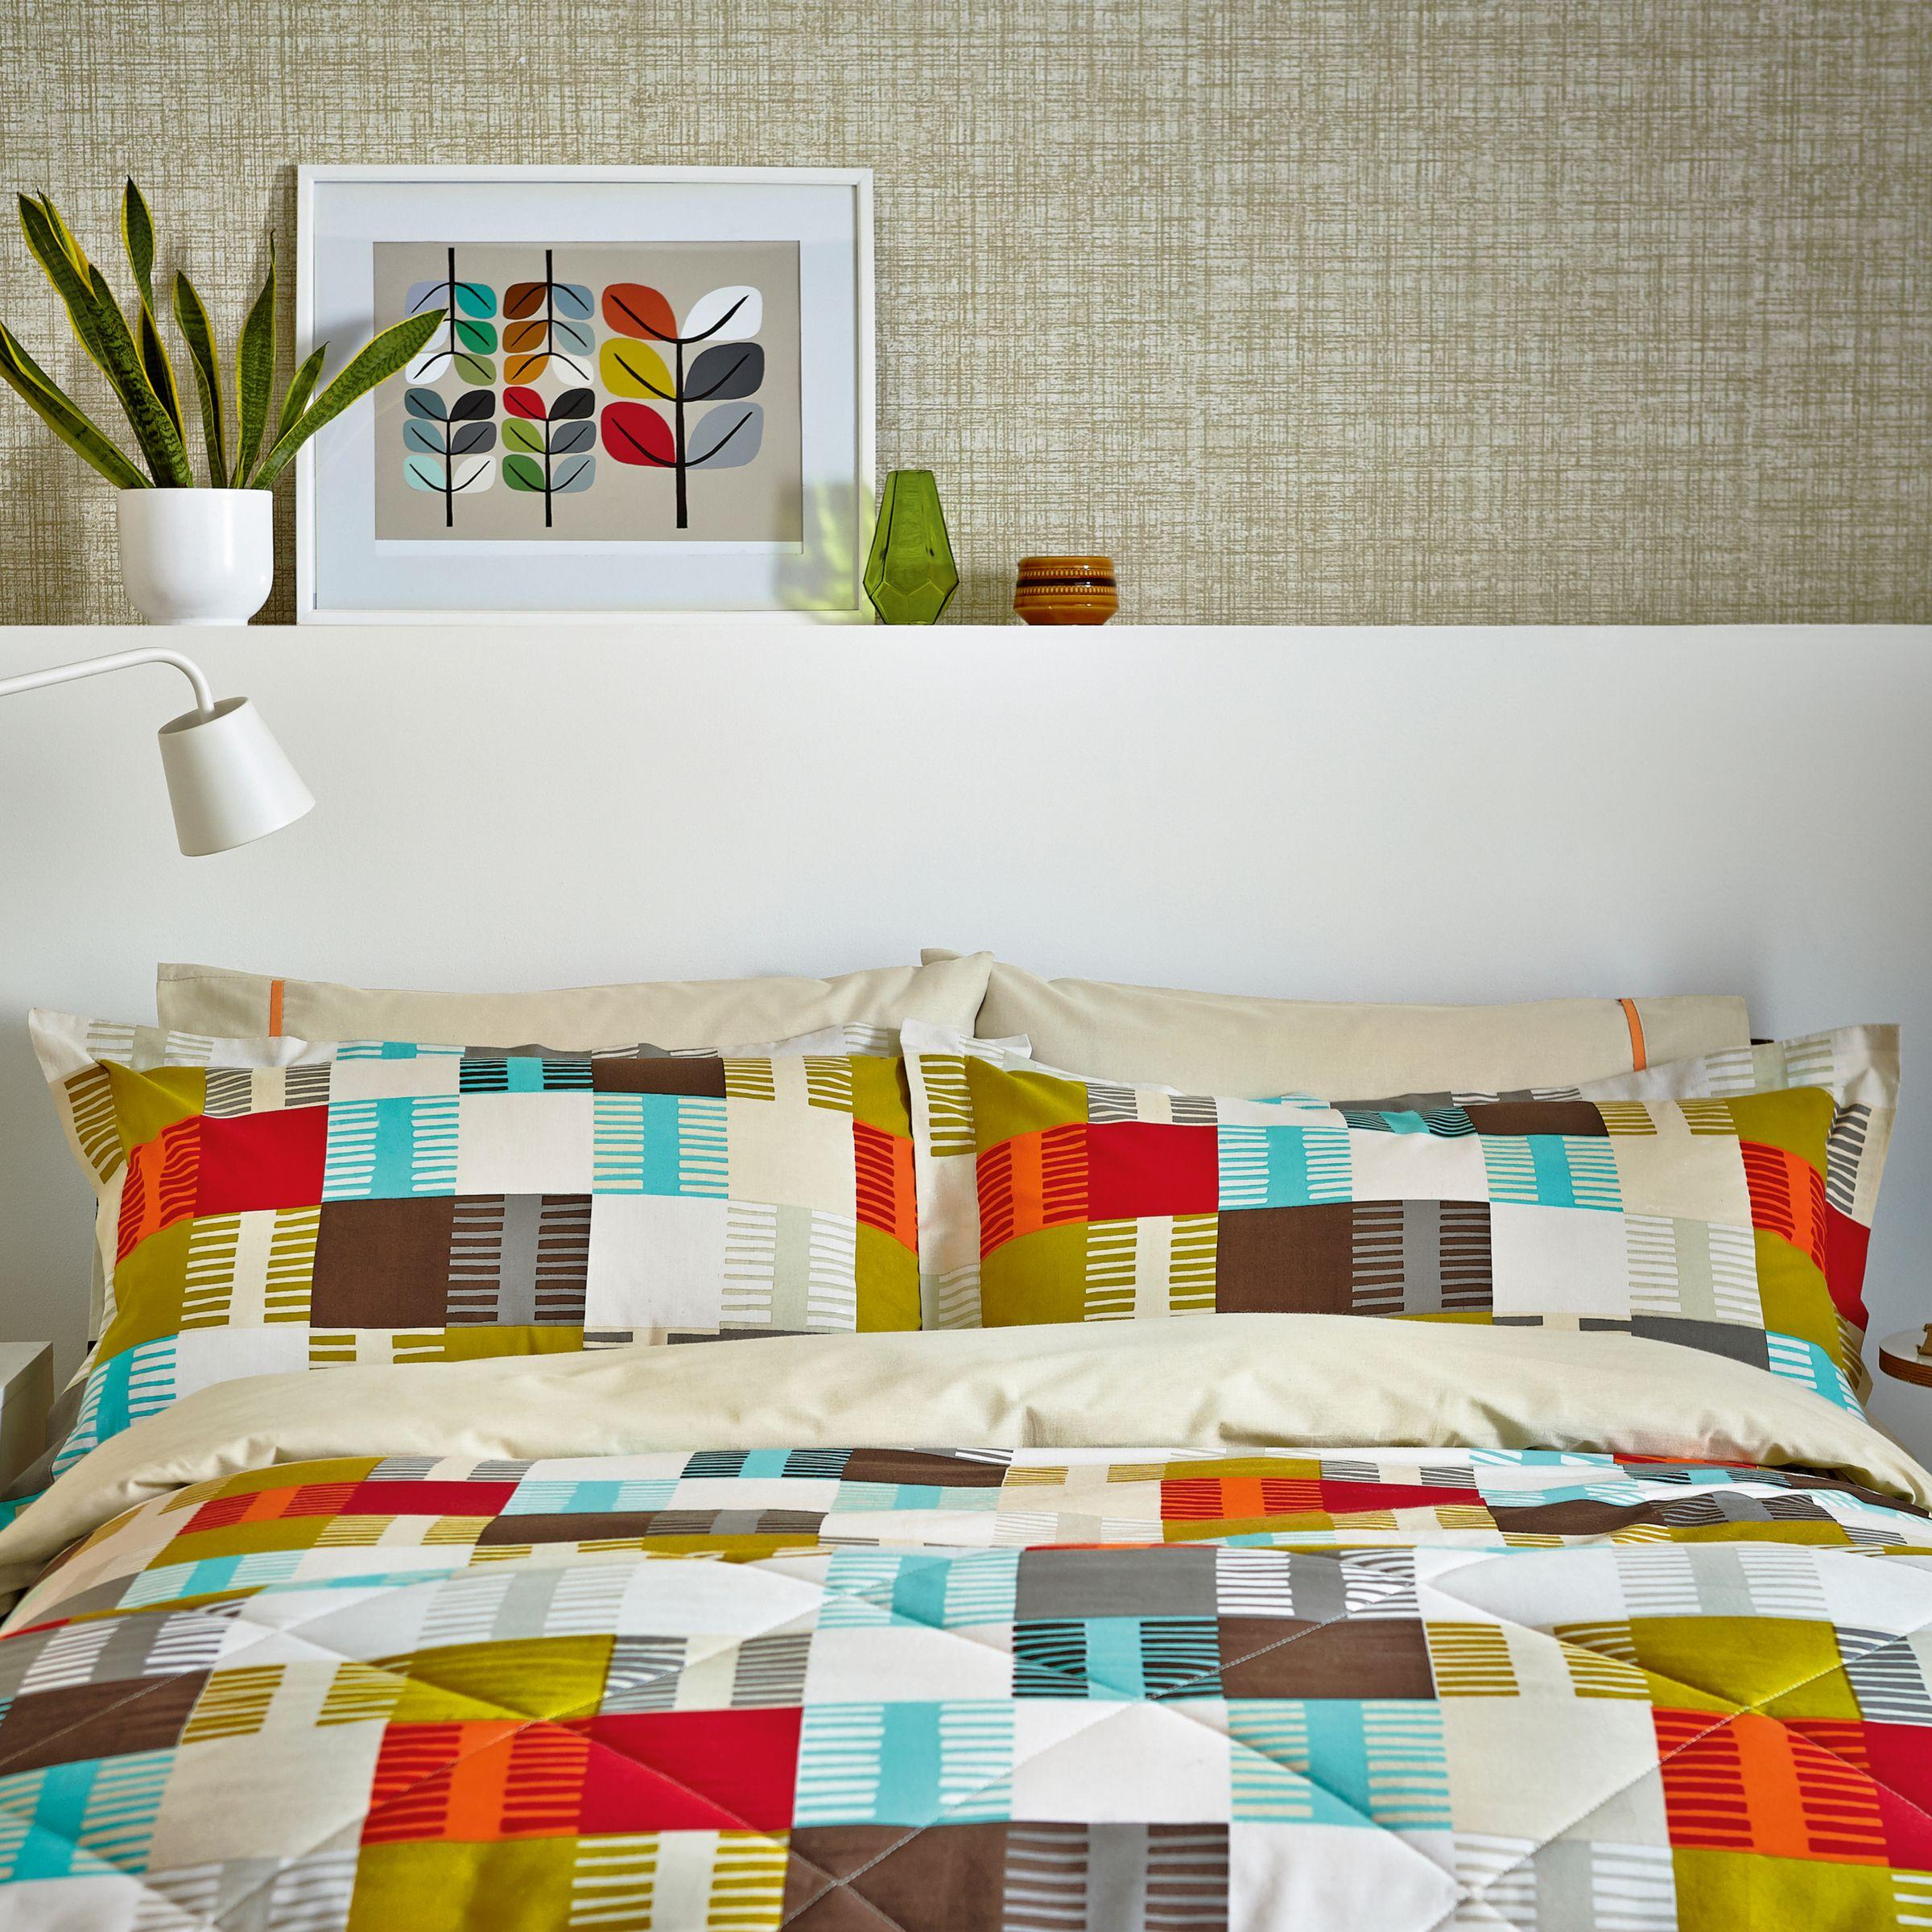 Scion Scion Navajo Duvet Cover and Pillowcase Set